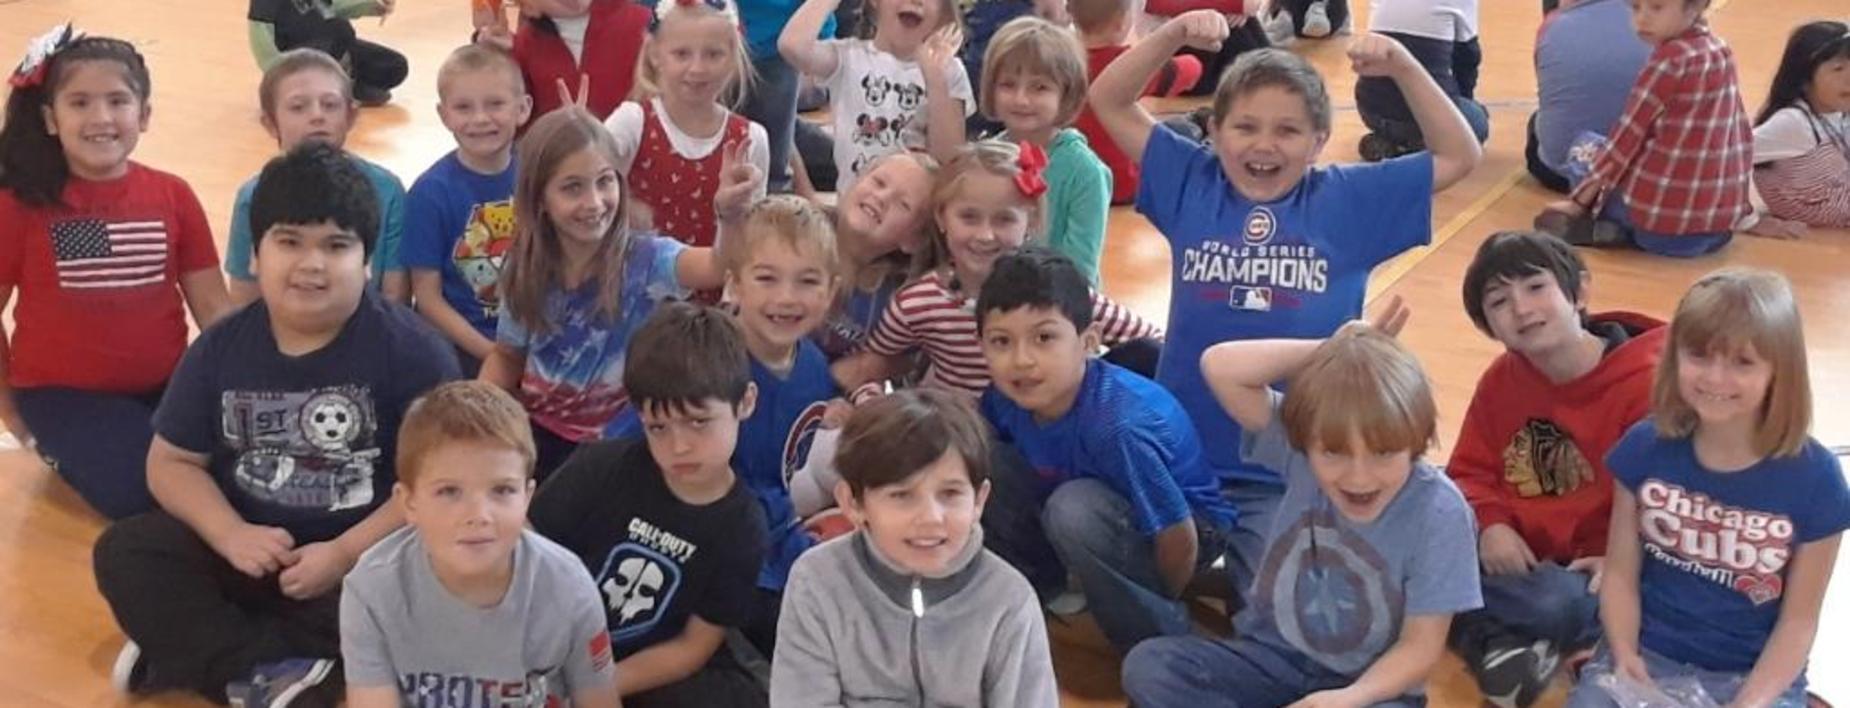 fun in 2nd grade